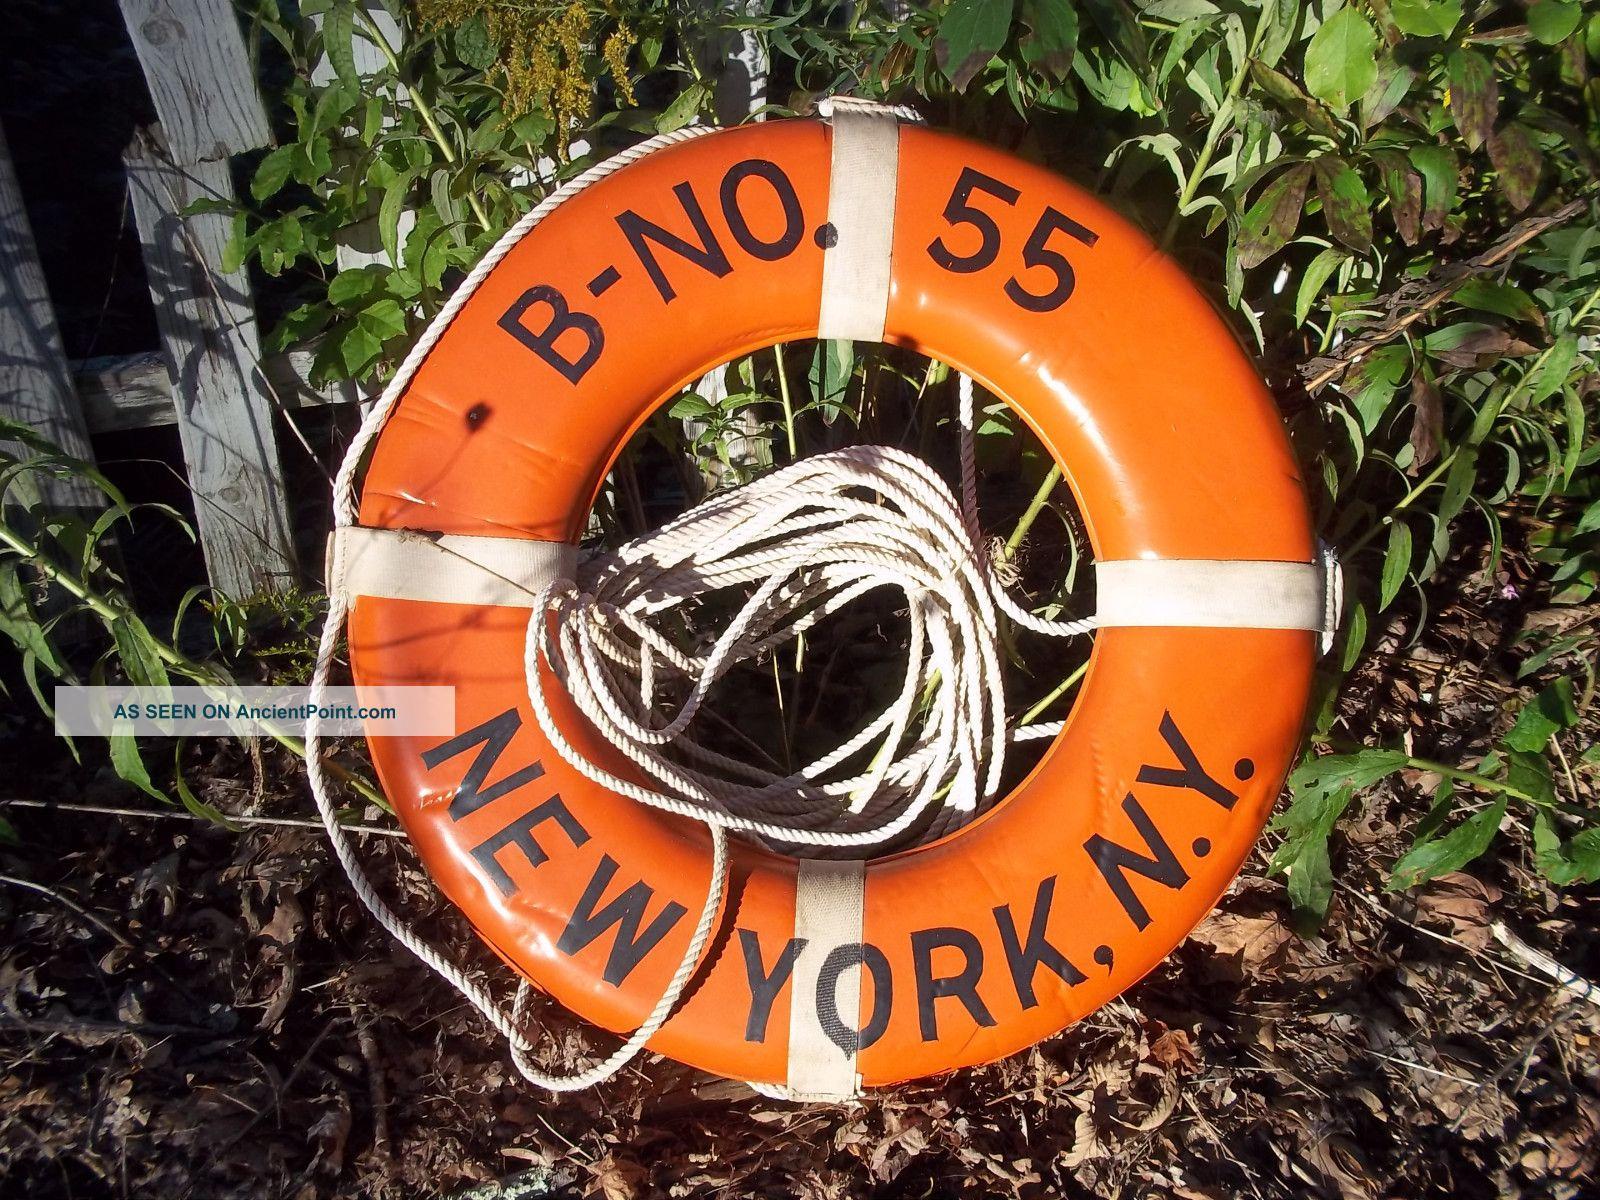 Vtg Jim Buoy Throwable Life Ring B - No.  55 New York,  N.  Y.  Brass 1969 Coast Gaurd Tag Other photo